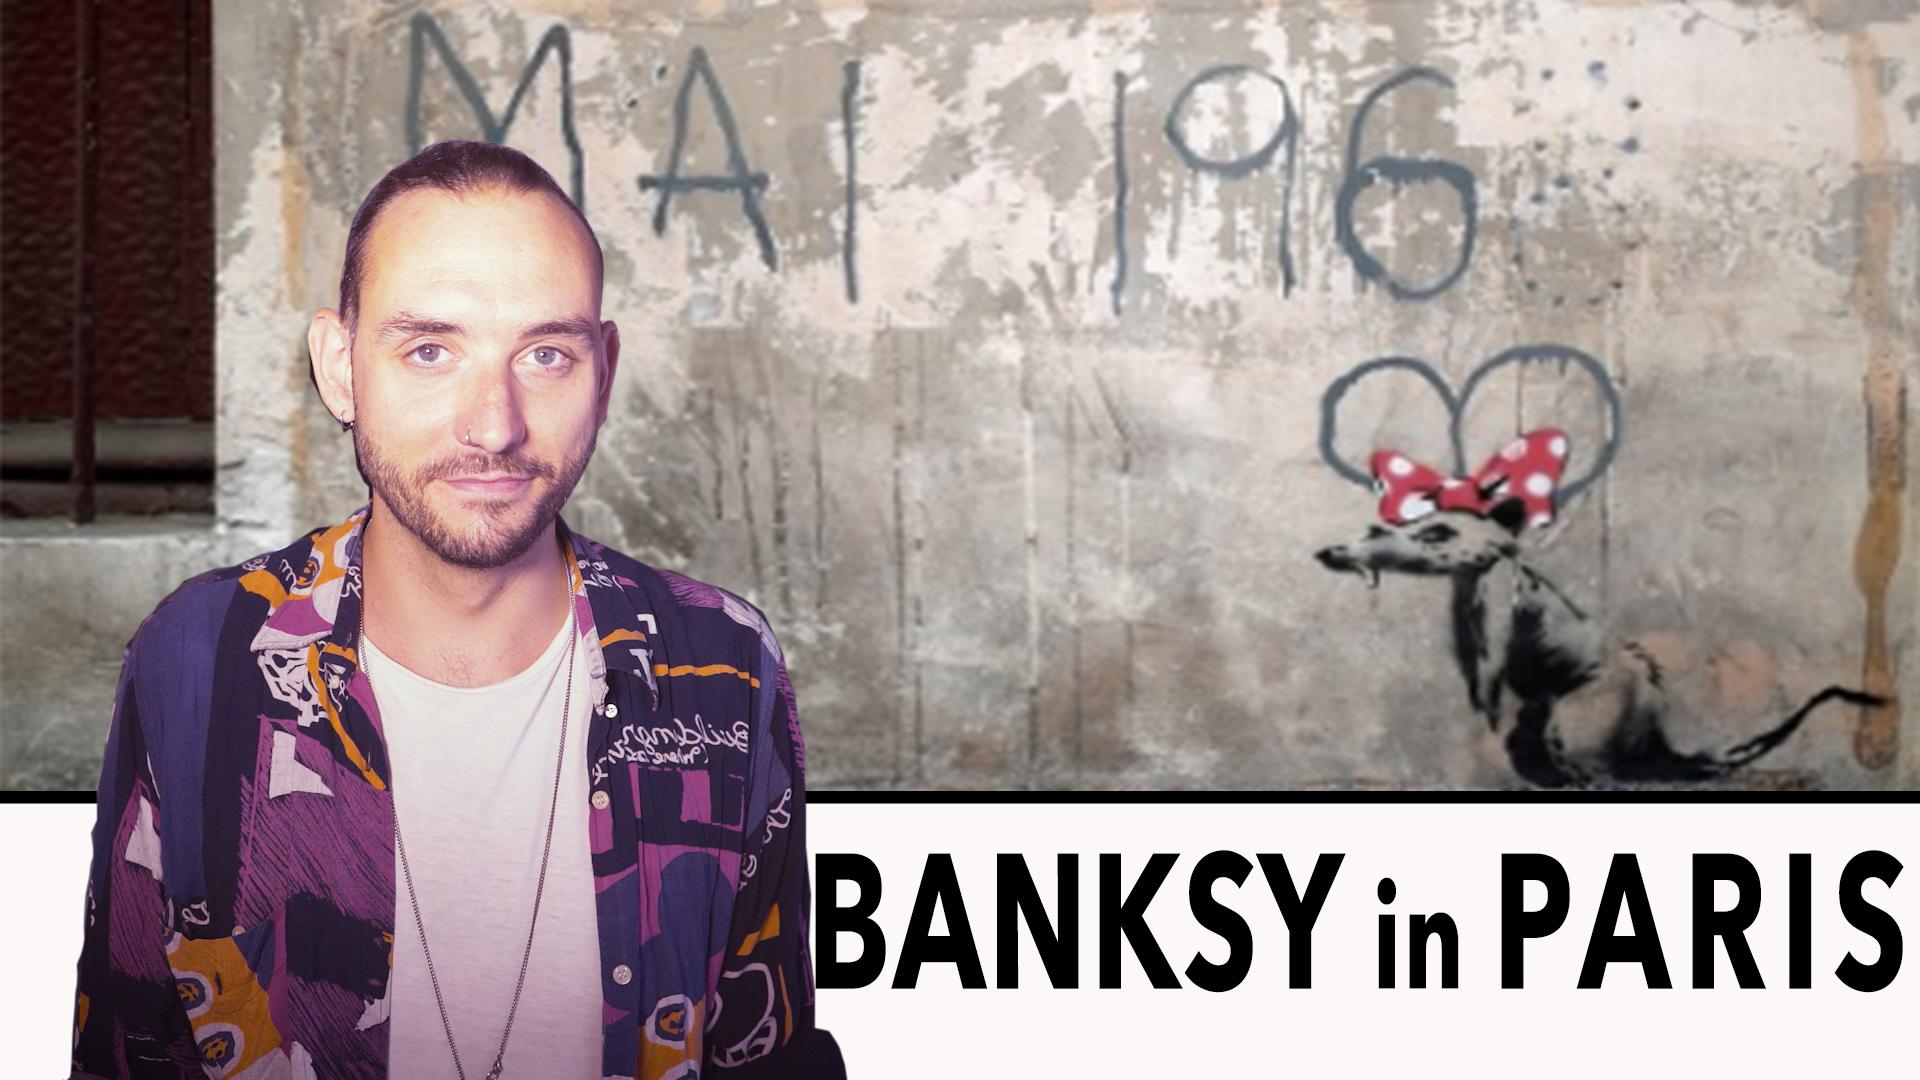 Fifth Wall Tv Banksy in Paris